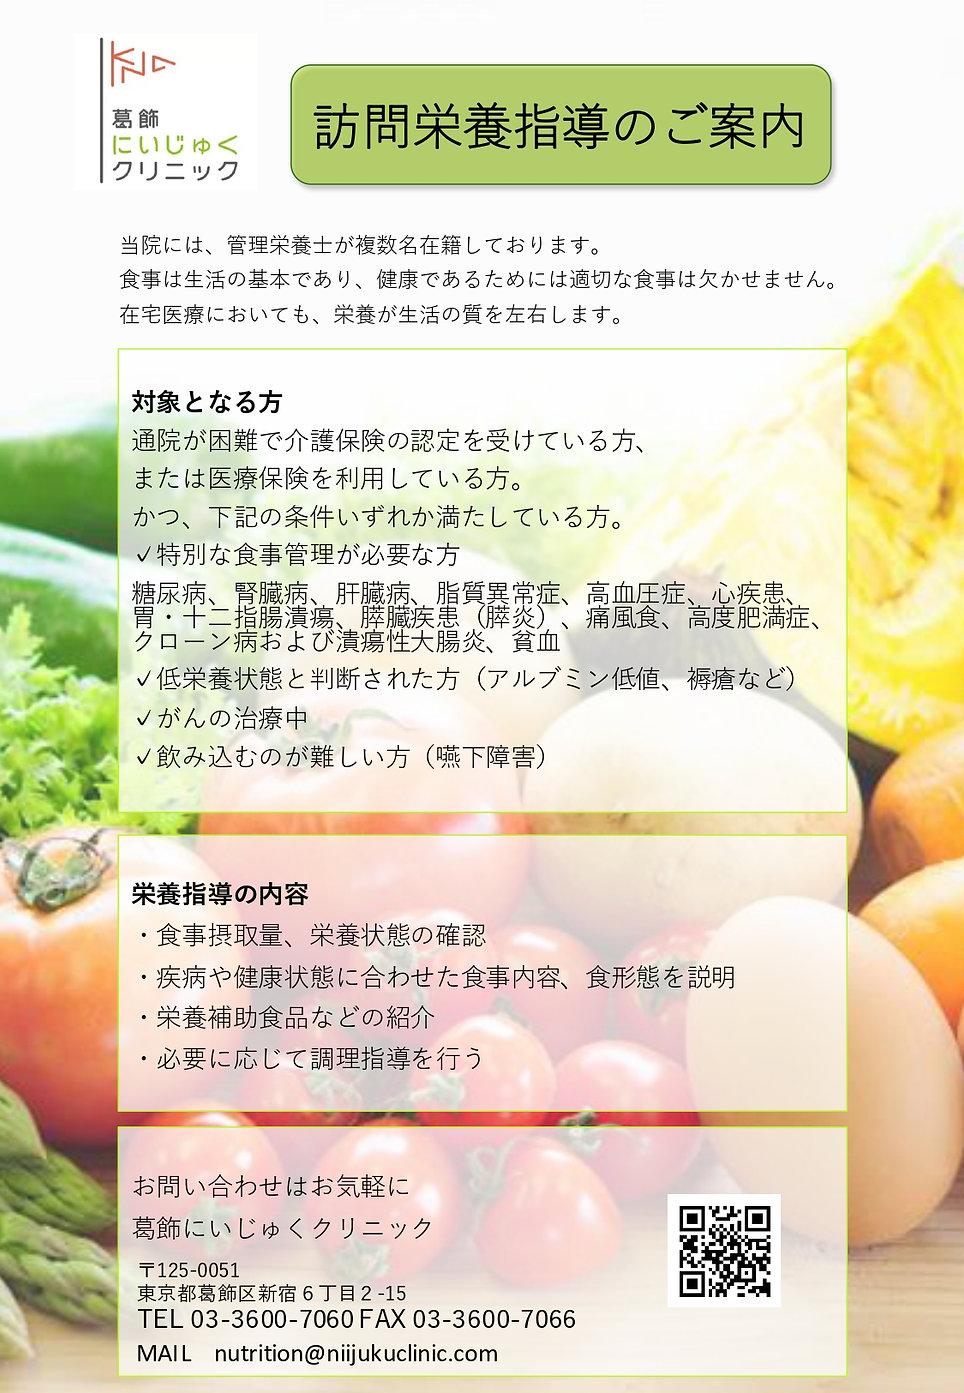 訪問栄養指導のご案内 (1)_page-0001 (1).jpg